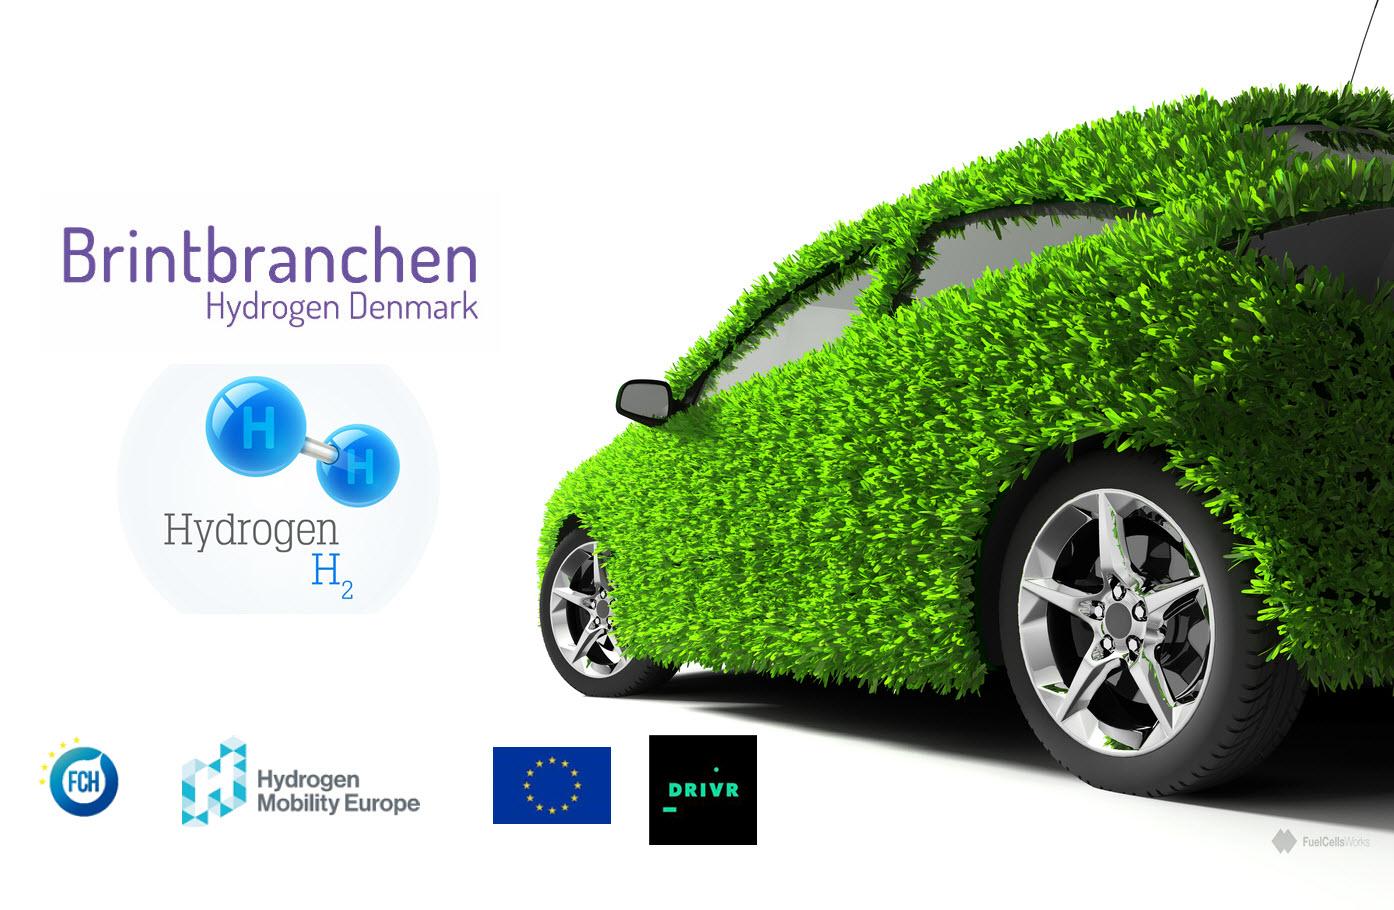 Hydrogen Denmark to Launch Hydrogen Taxis in Copenhagen - FuelCellsWorks